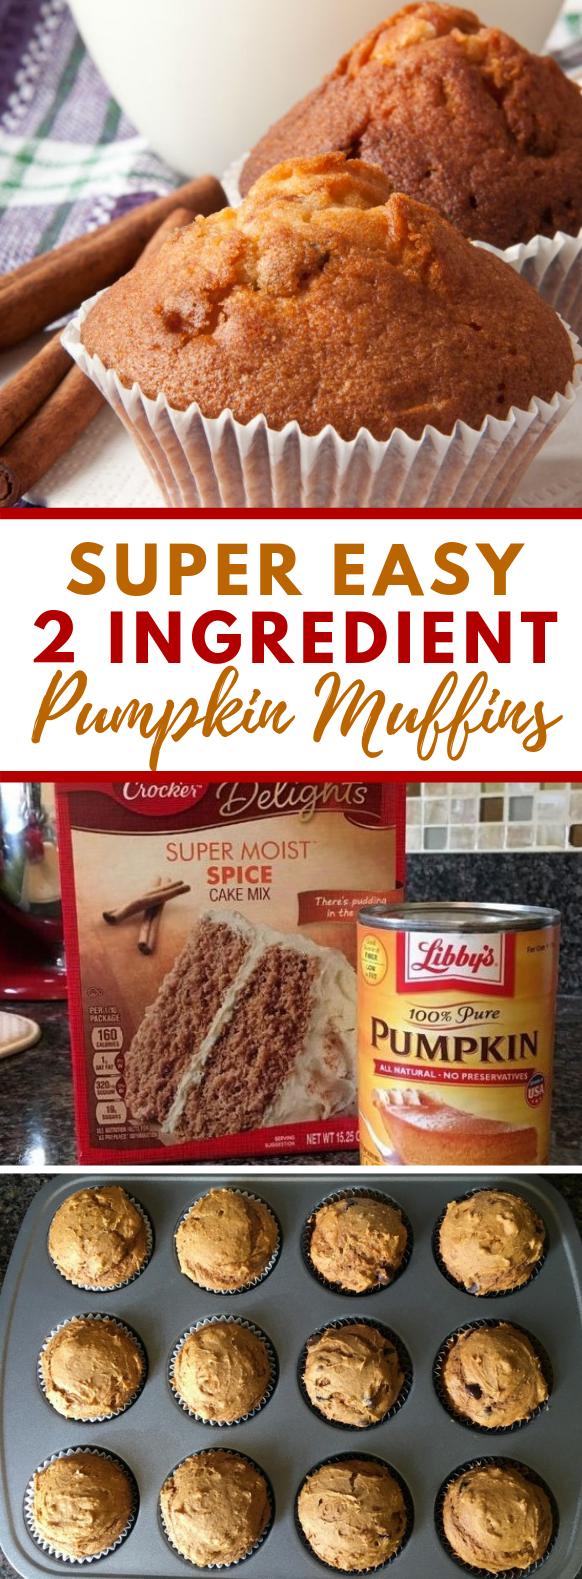 Easy & Delicious 2-Ingredient Pumpkin Muffins #desserts #thanksgiving